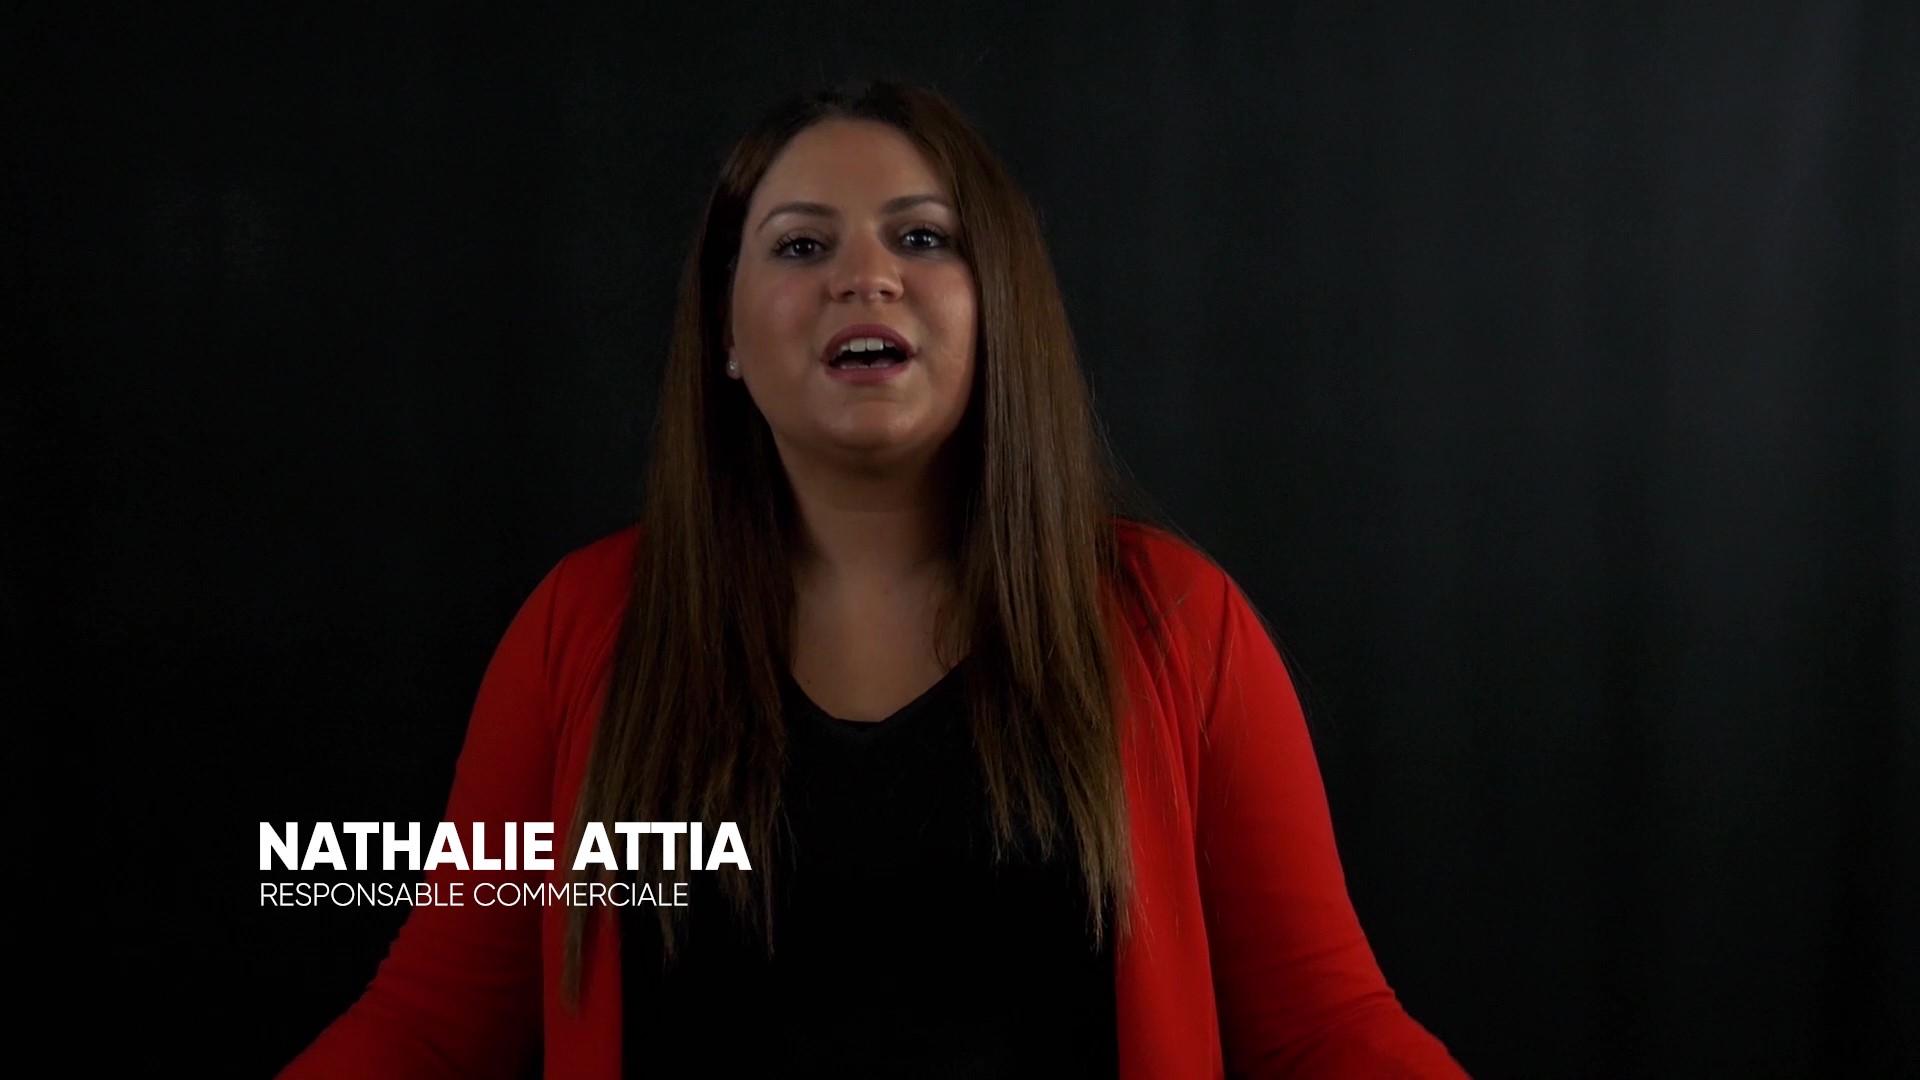 Nathalie Attia mCC anniversaire 3 ans